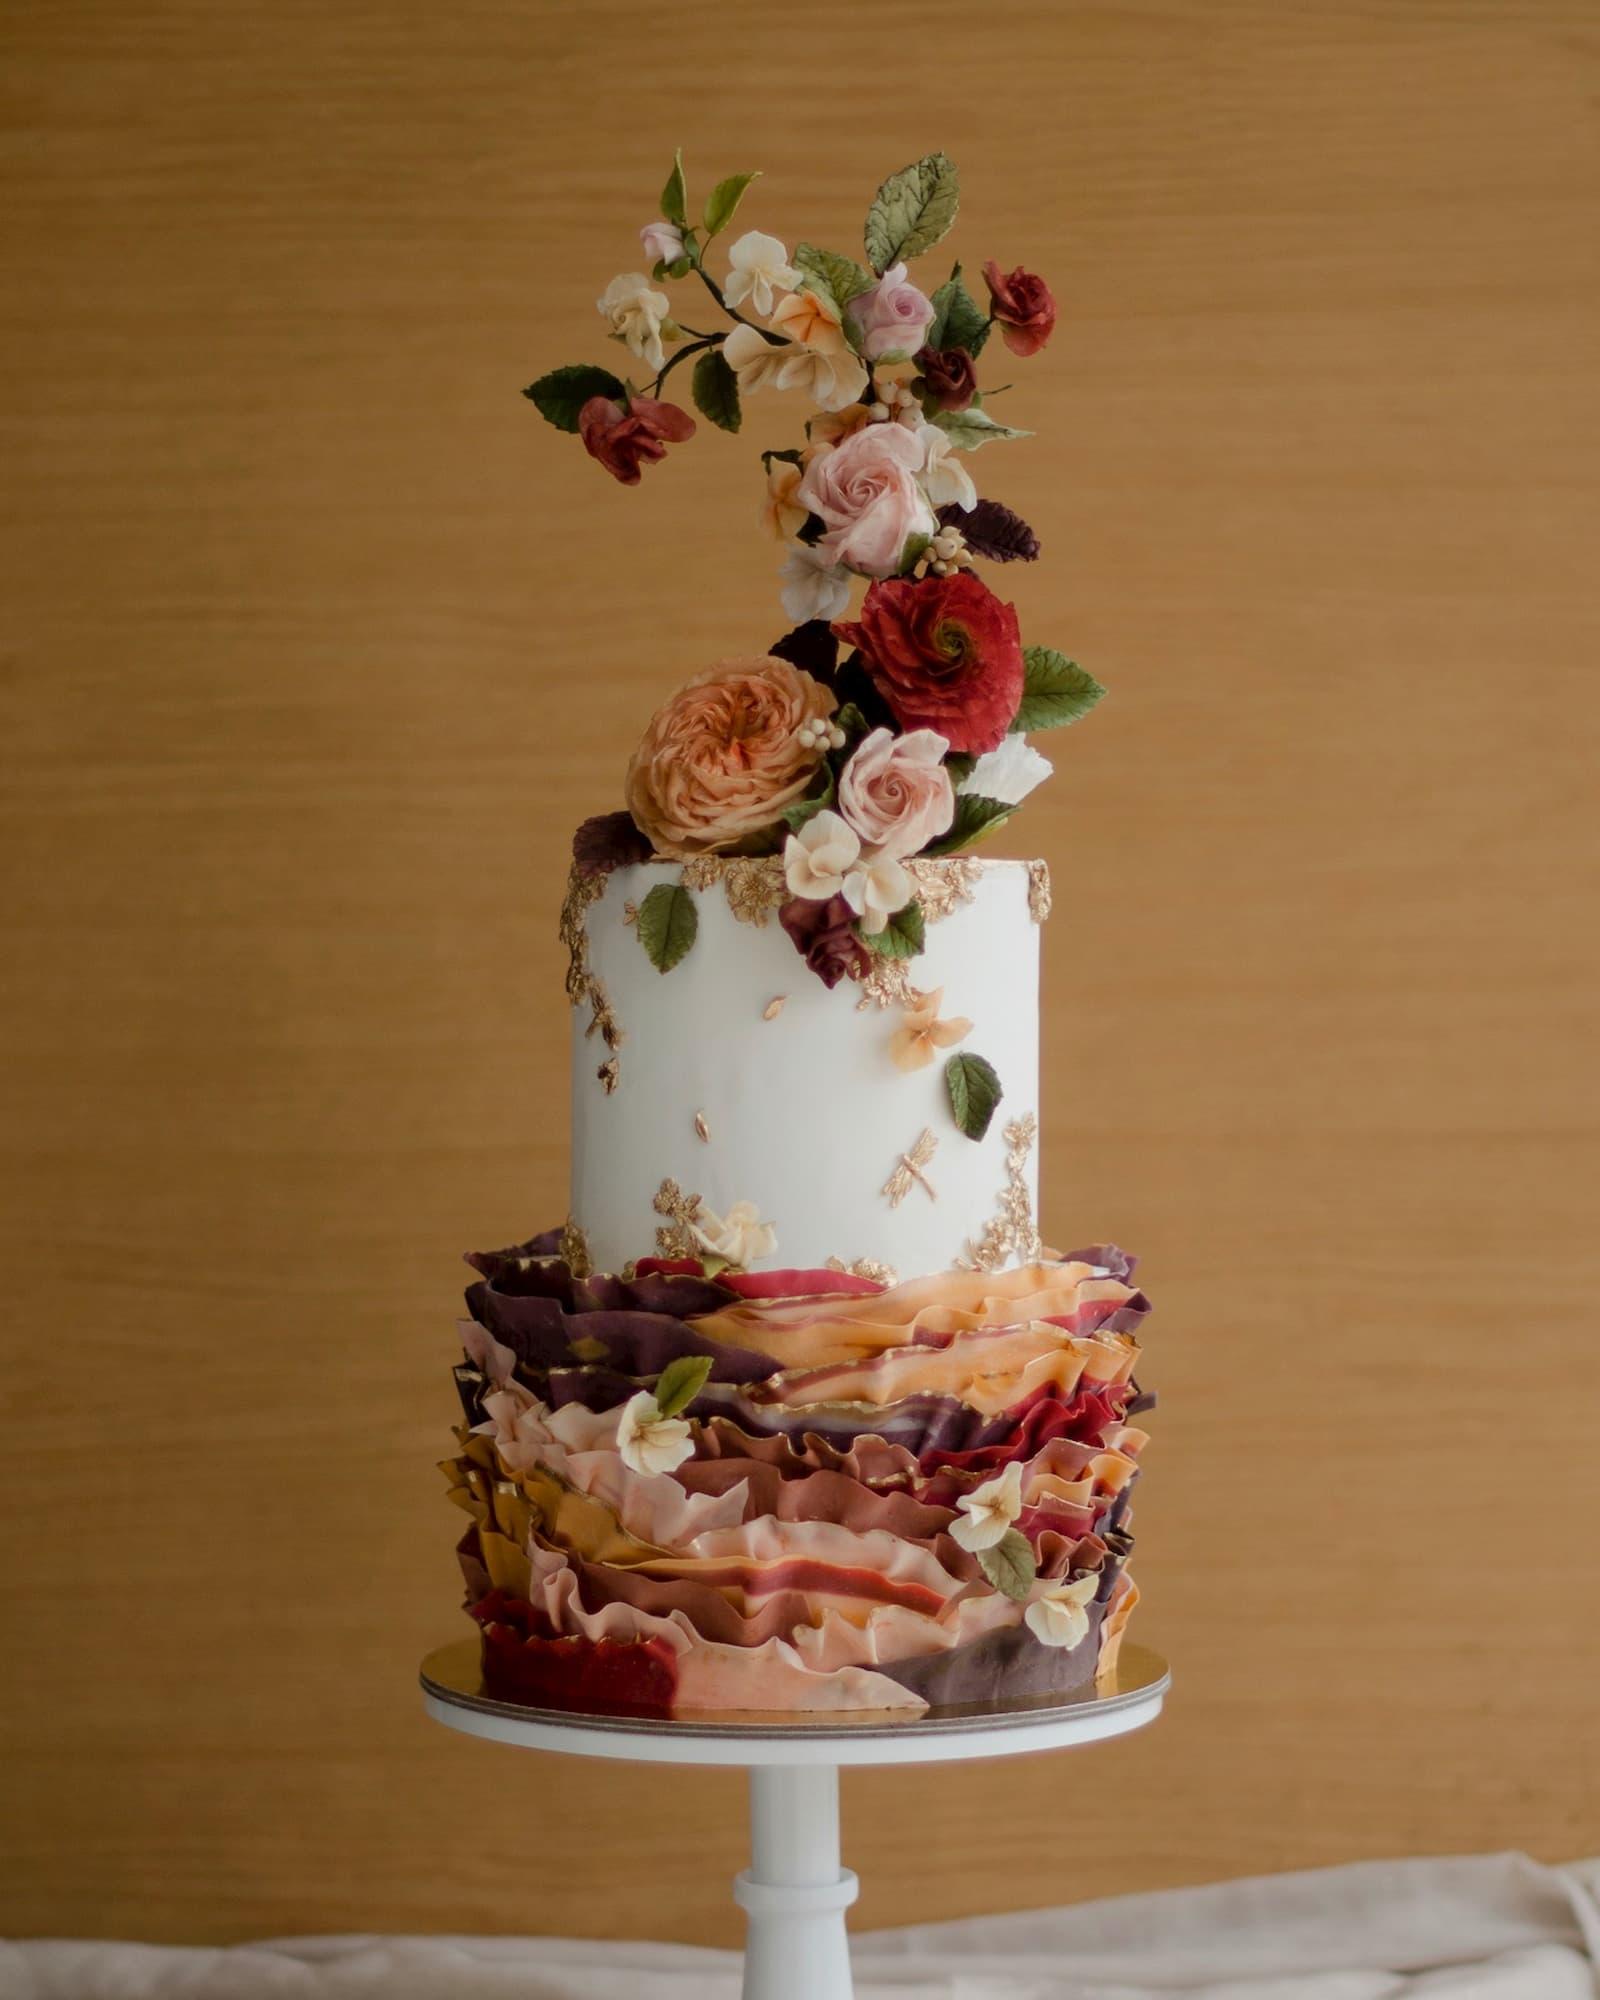 Roseraé Cakes Whimsical Romance